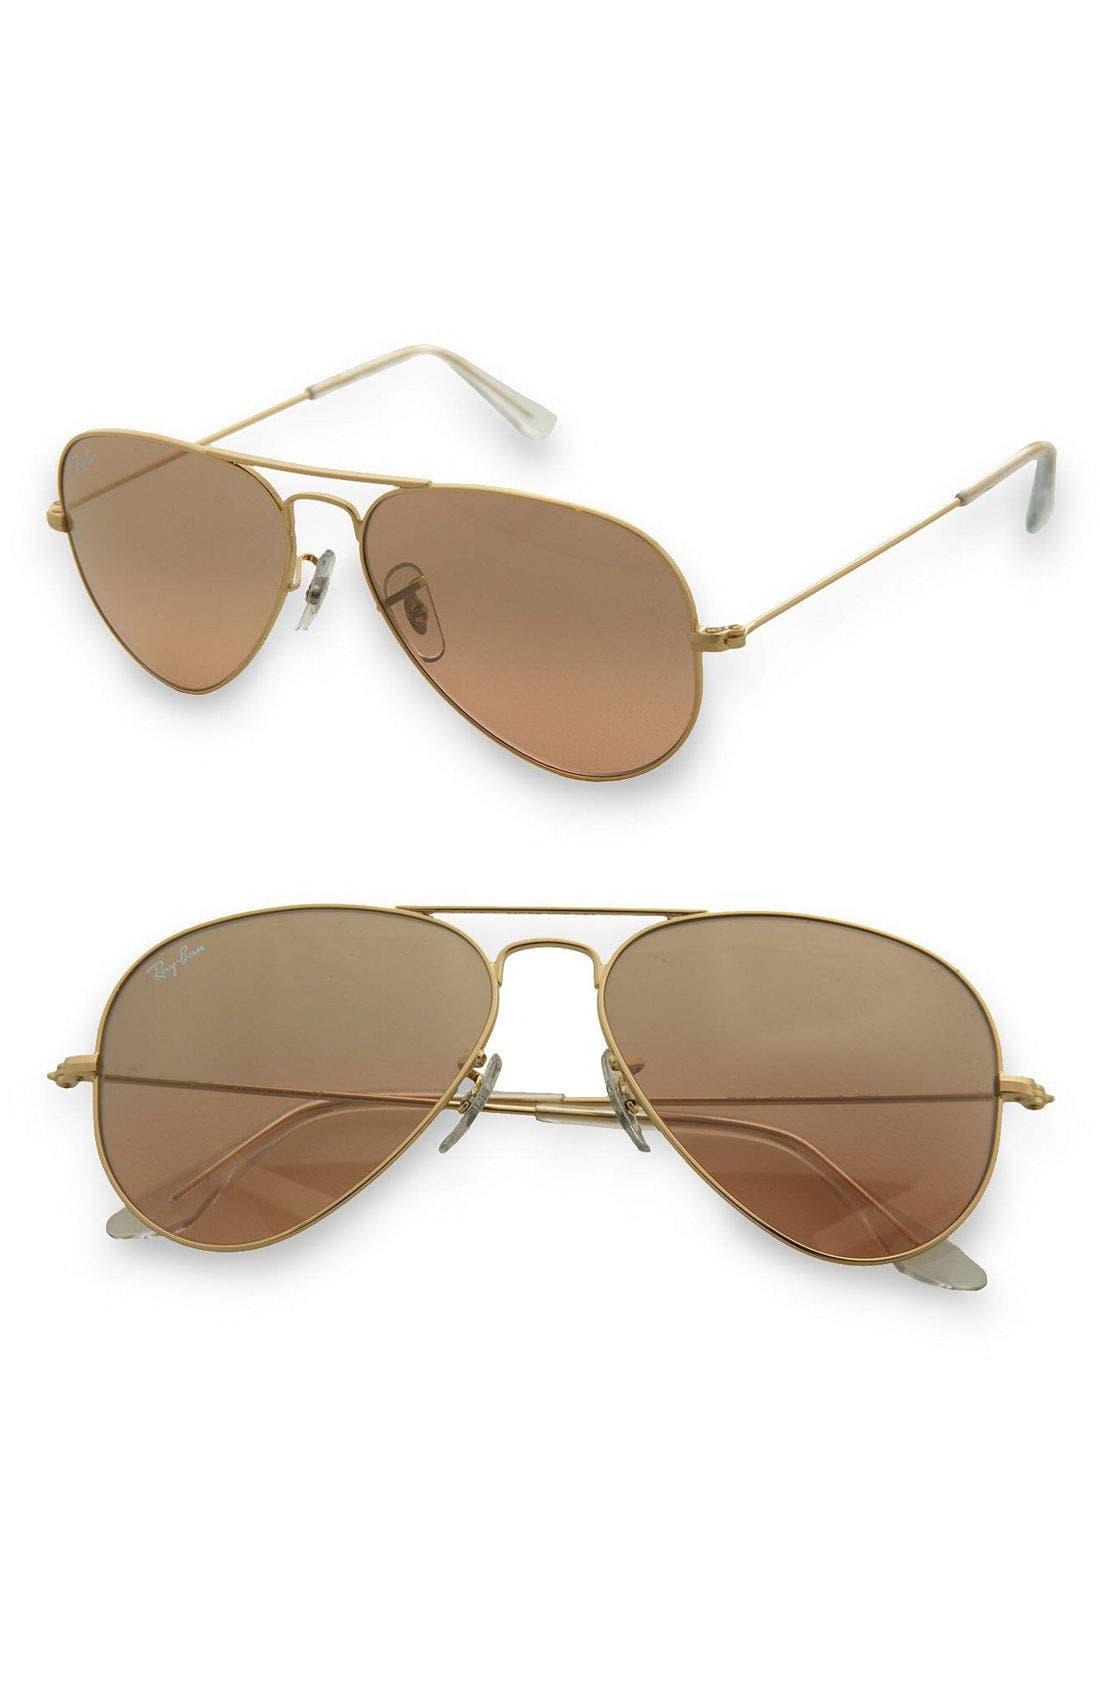 Alternate Image 1 Selected - Ray-Ban 'Original Aviator' 58mm Sunglasses